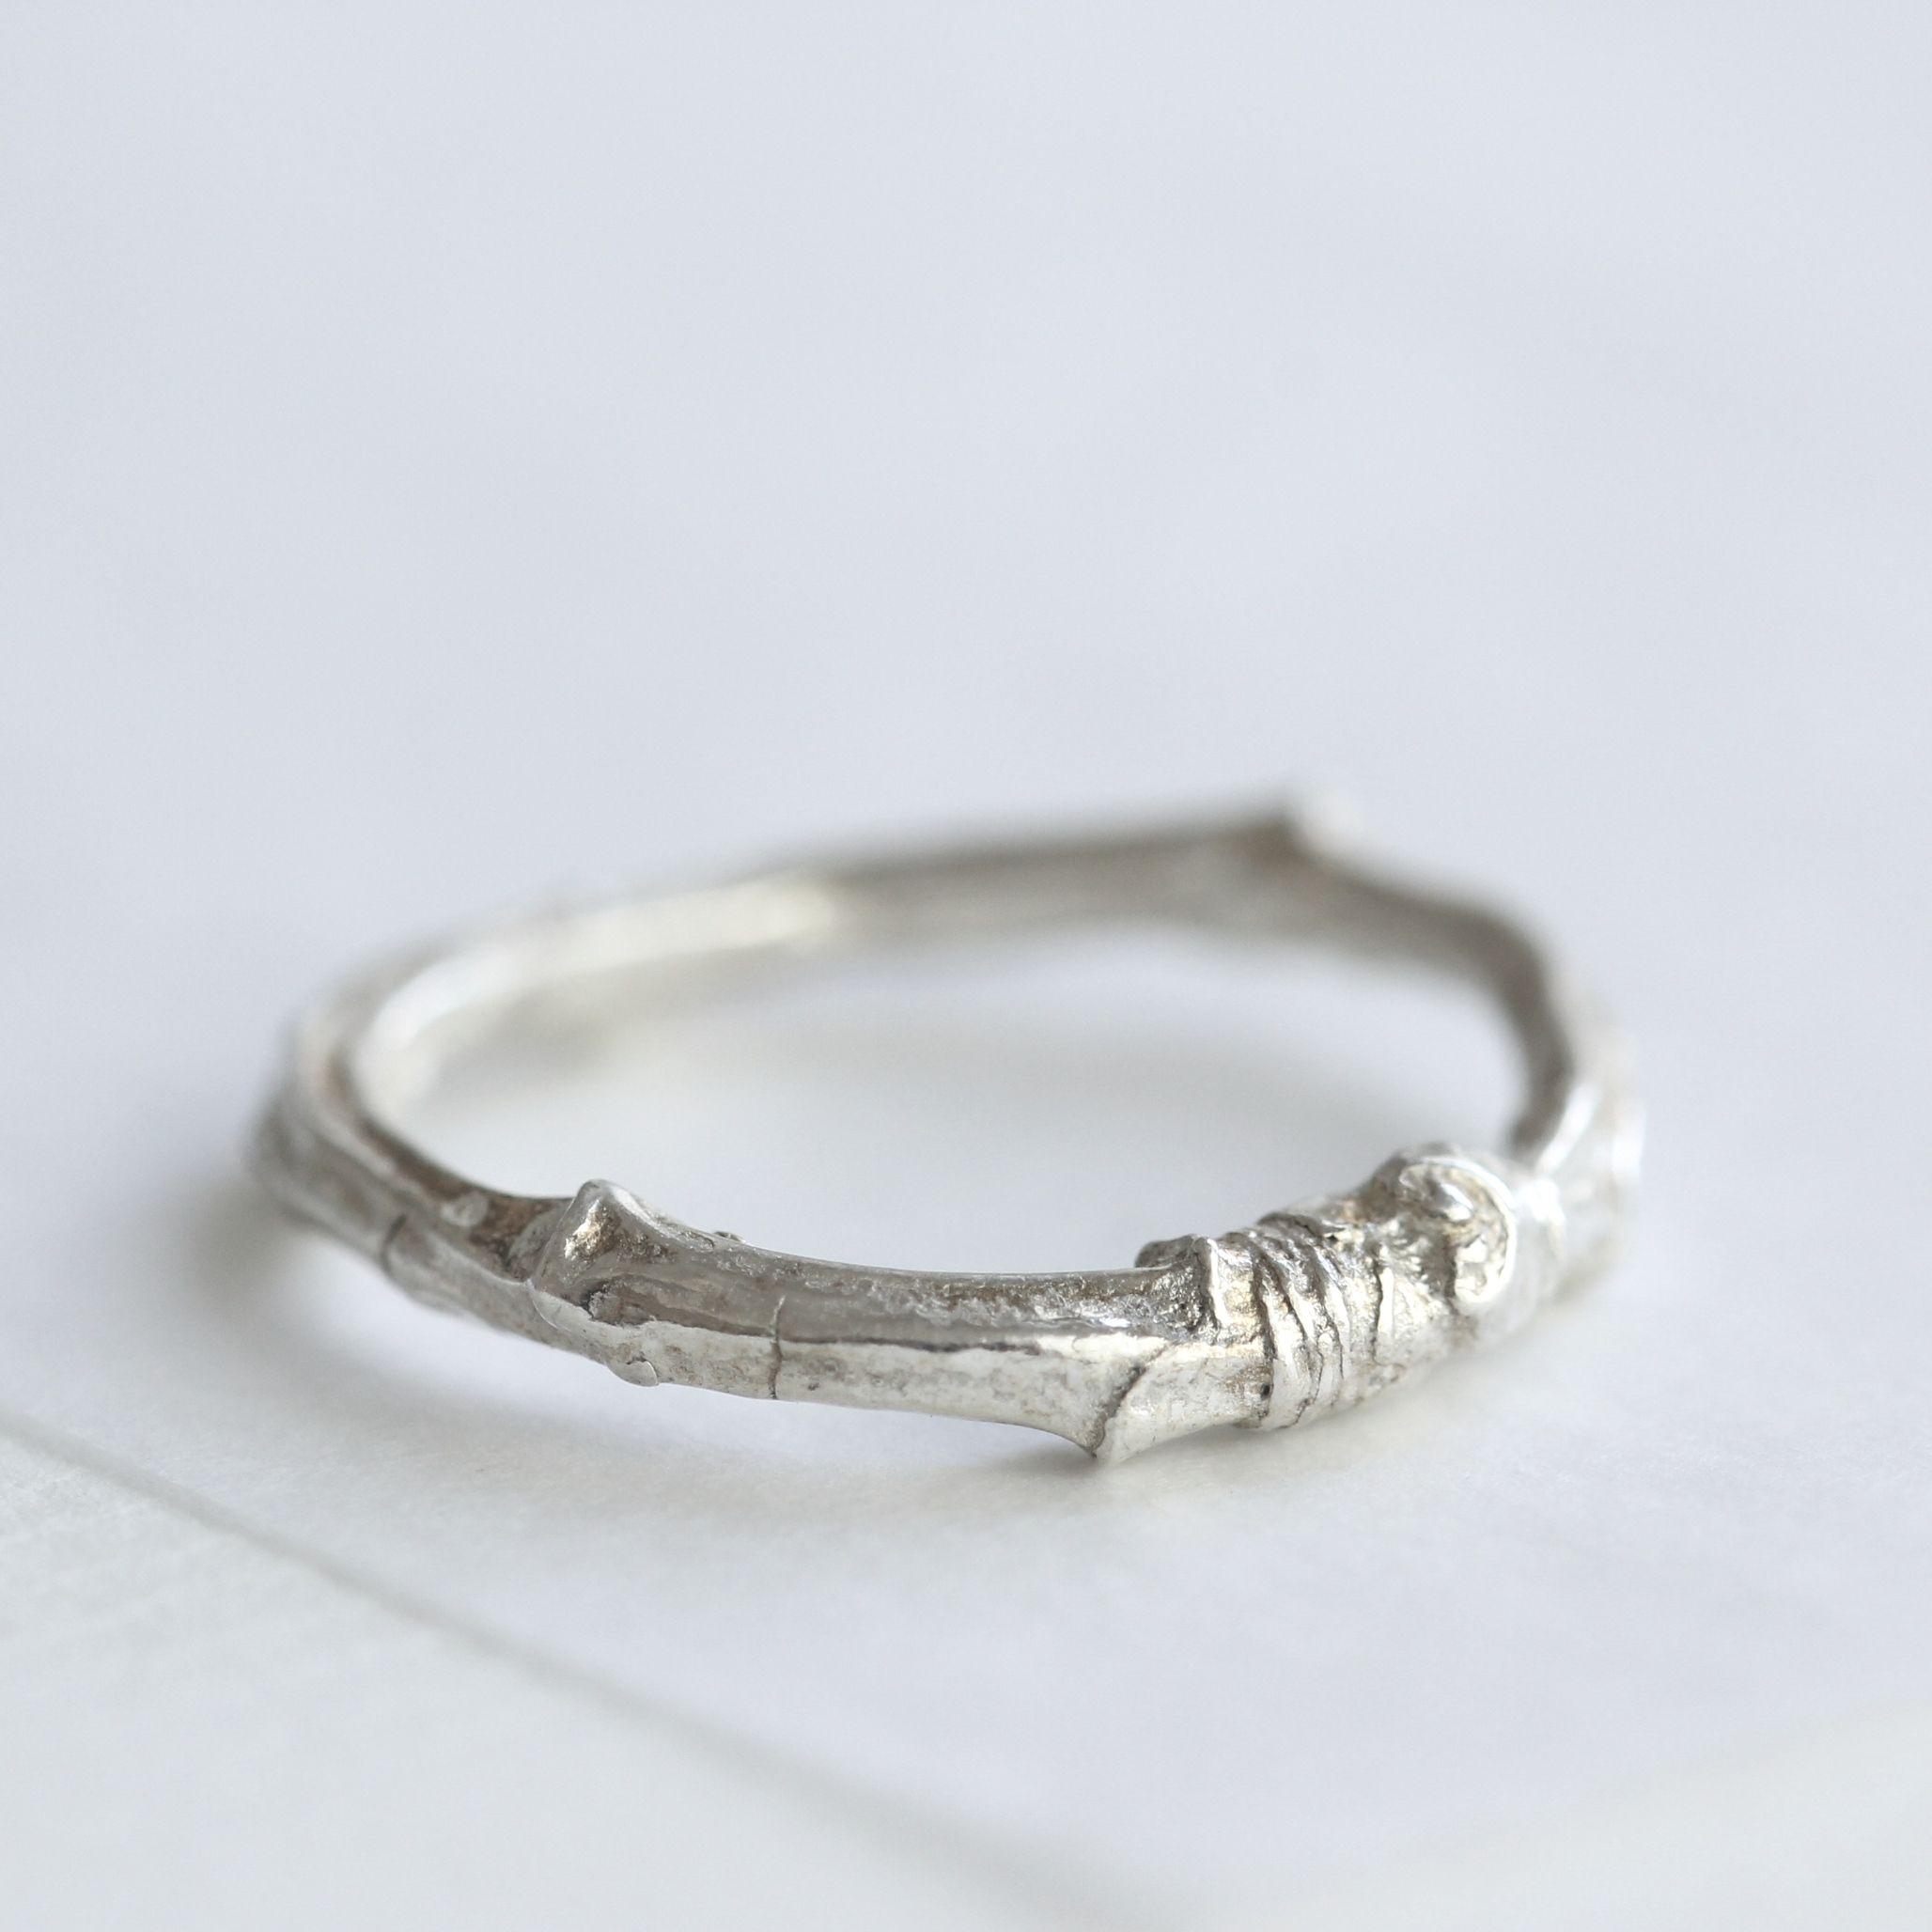 Silver twig ringtwig wedding ringcherry tree twig ring Twig ring